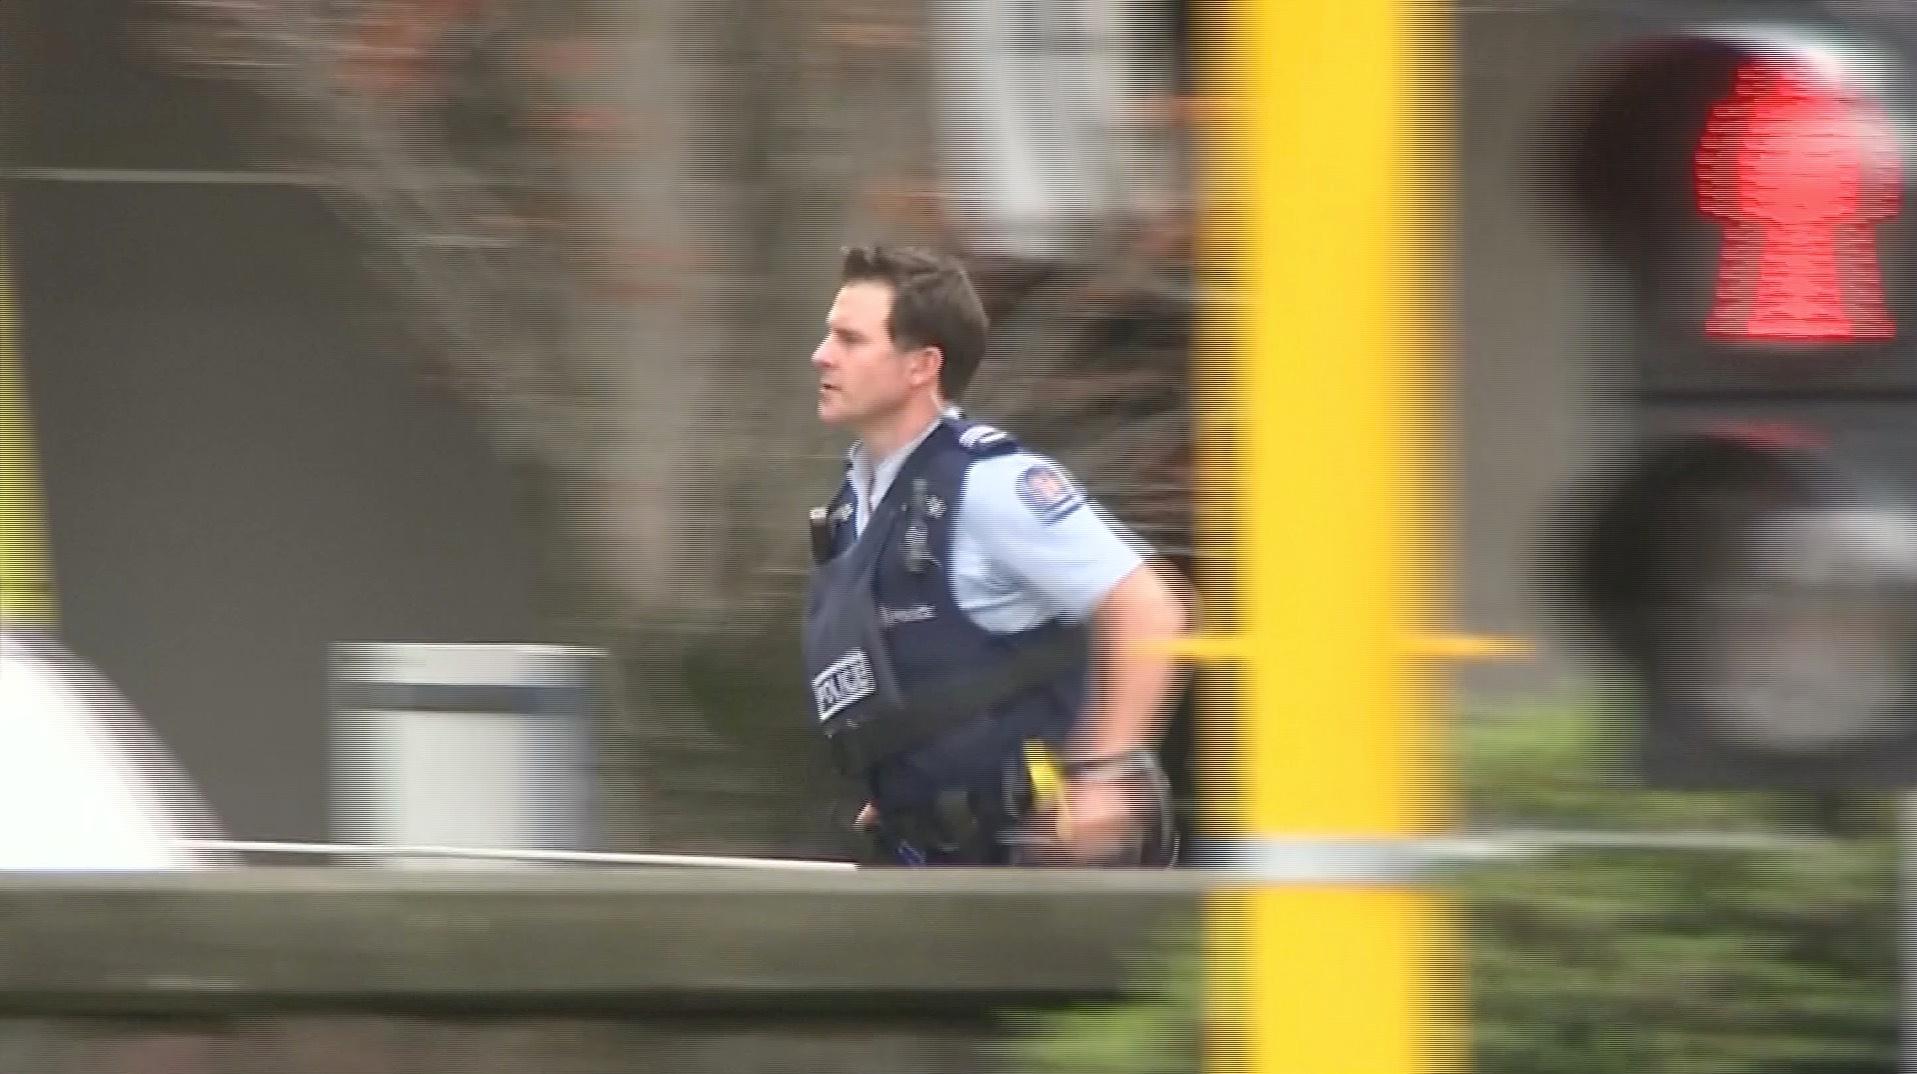 نيوزلندا Facebook: الإرهاب يطال المصلين الآمنين في نيوزلندا